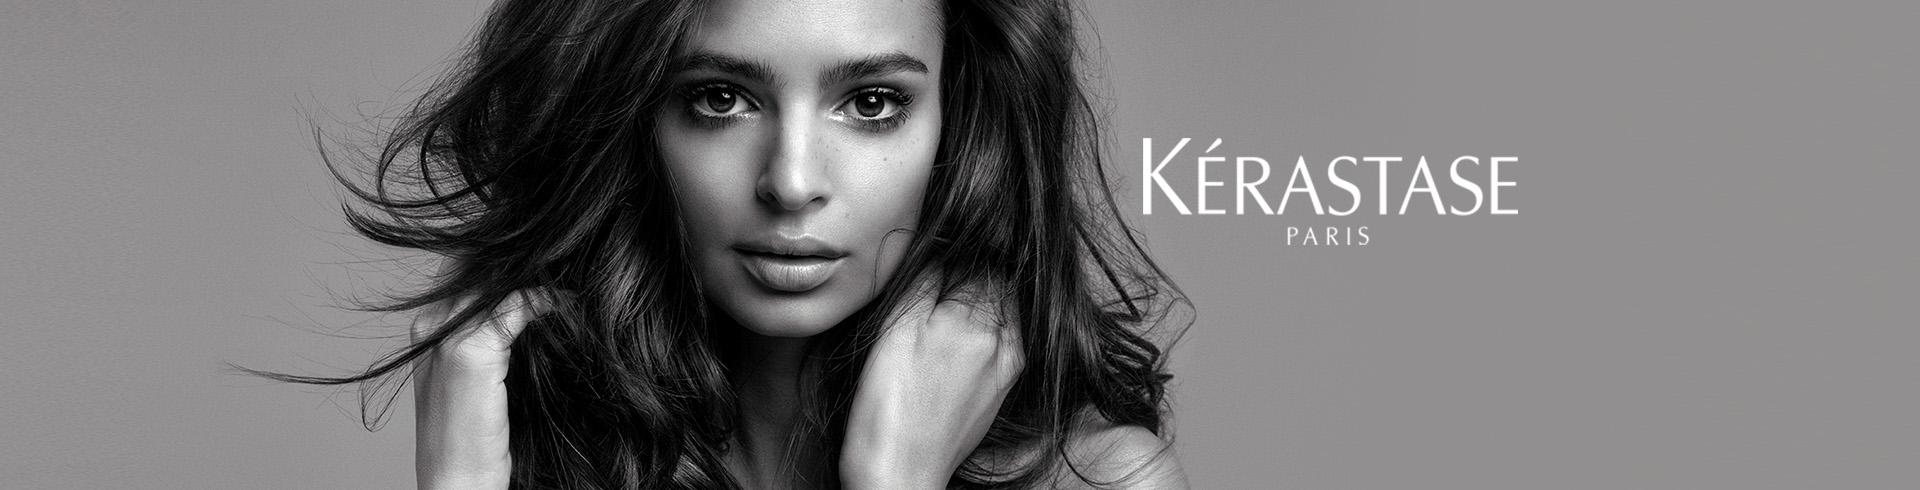 Προϊόντα Περιποίησης Μαλλιών Kerastase - Le Tif